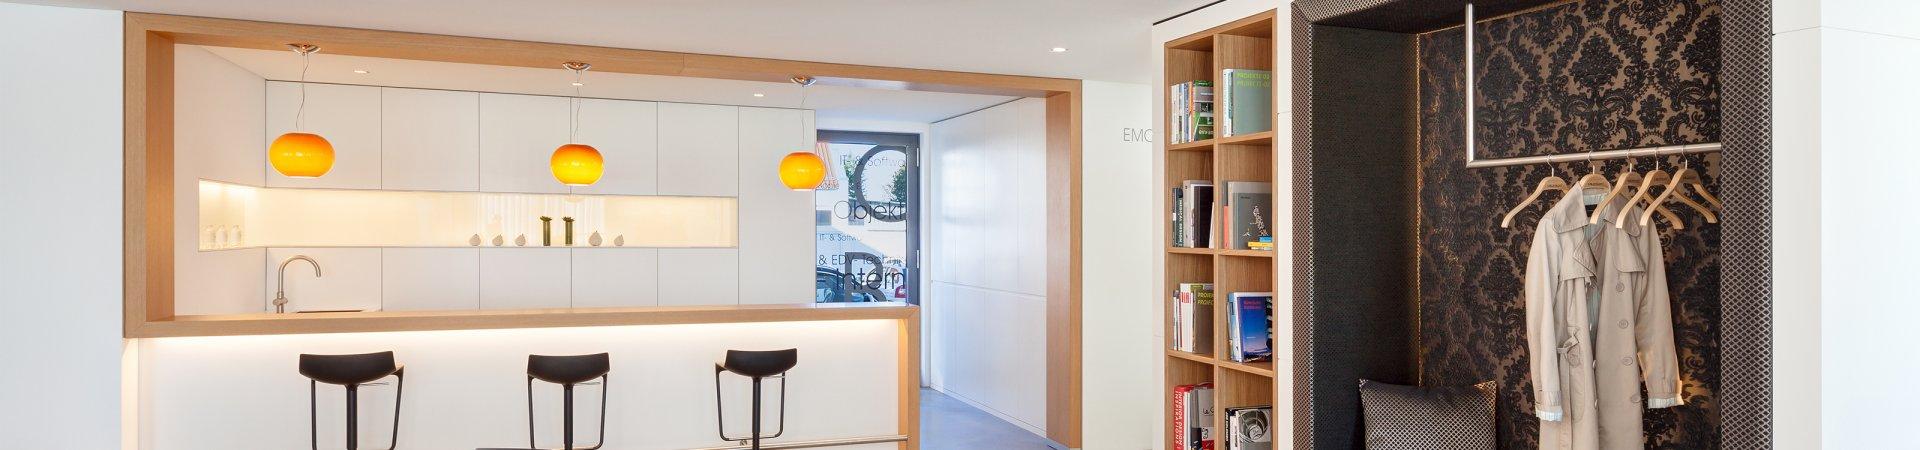 b ro objekteinrichtung einrichtungsideen und m bel. Black Bedroom Furniture Sets. Home Design Ideas